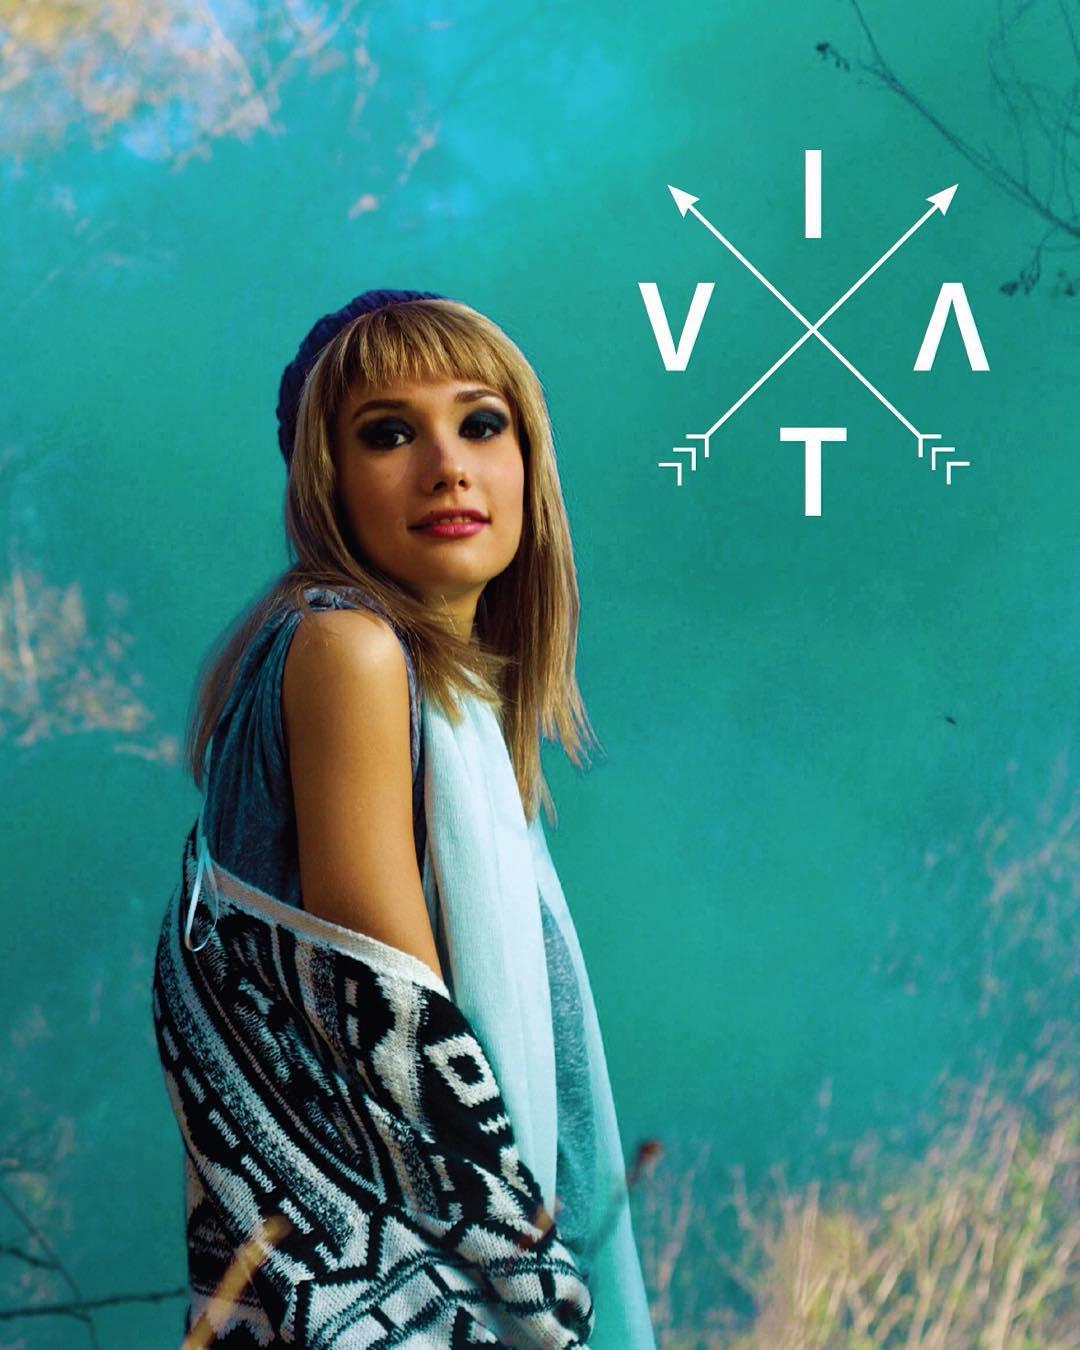 Todo lo que vos queres, en #VITA !